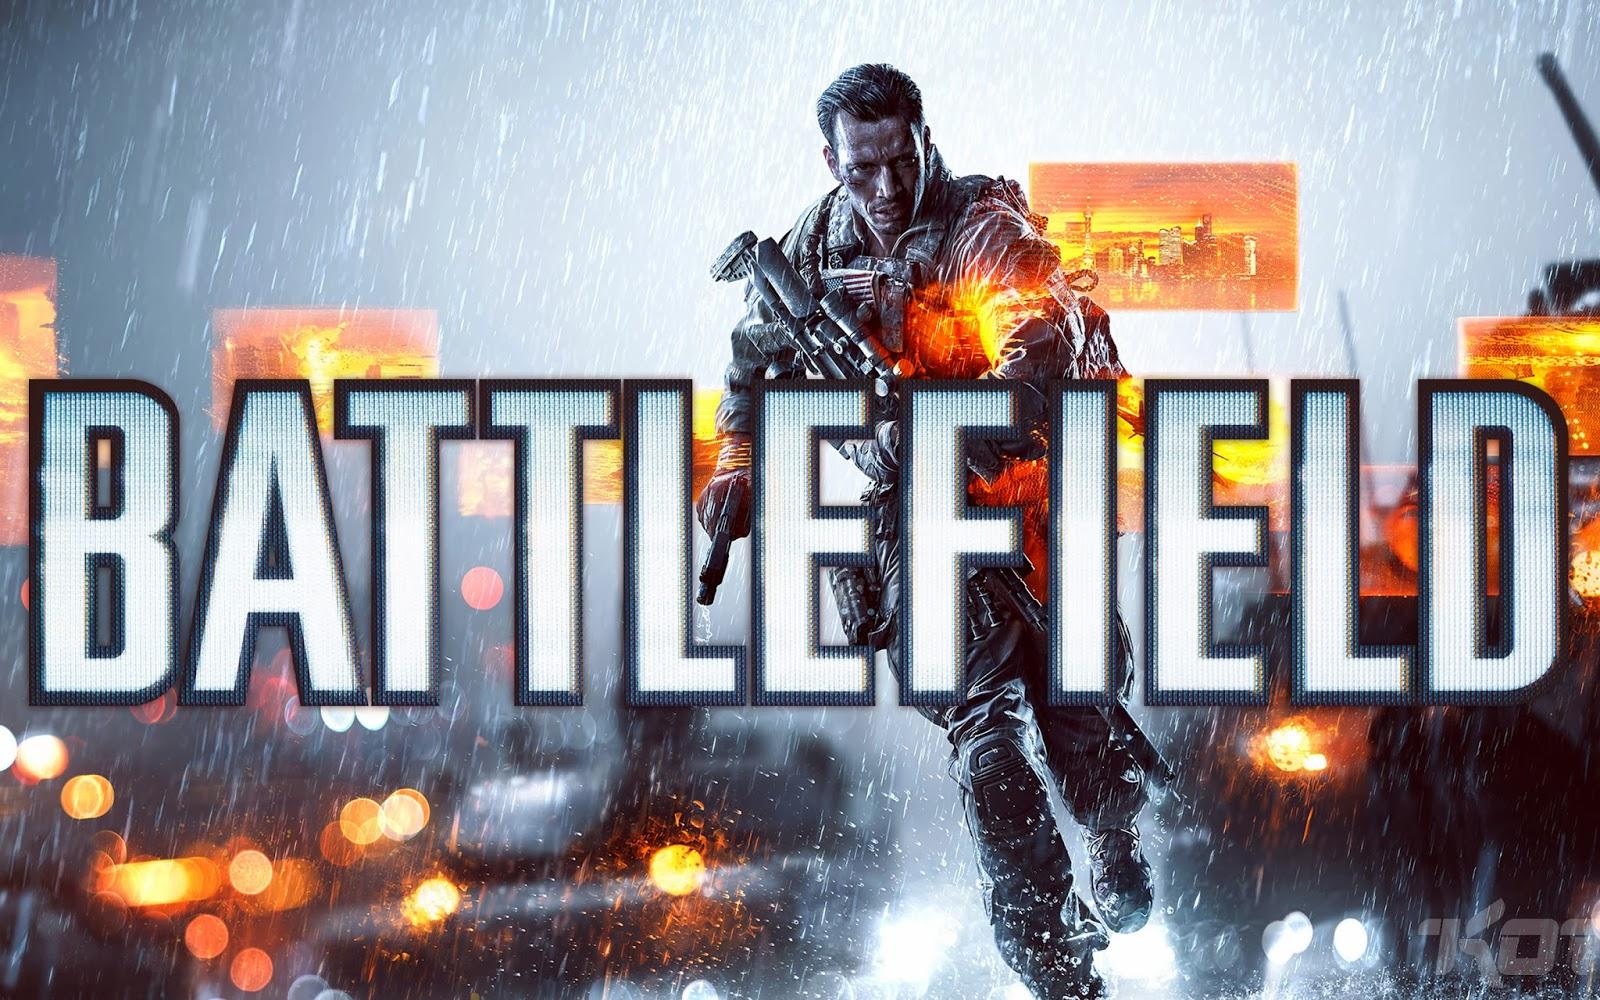 """<img src=""""http://1.bp.blogspot.com/-ZAfuuIcF-AM/UvPsX783MRI/AAAAAAAAK-8/BkiC7-ylb6Q/s1600/battlefield-4-wallpaper.jpg"""" alt=""""battlefield 4 wallpaper"""" />"""